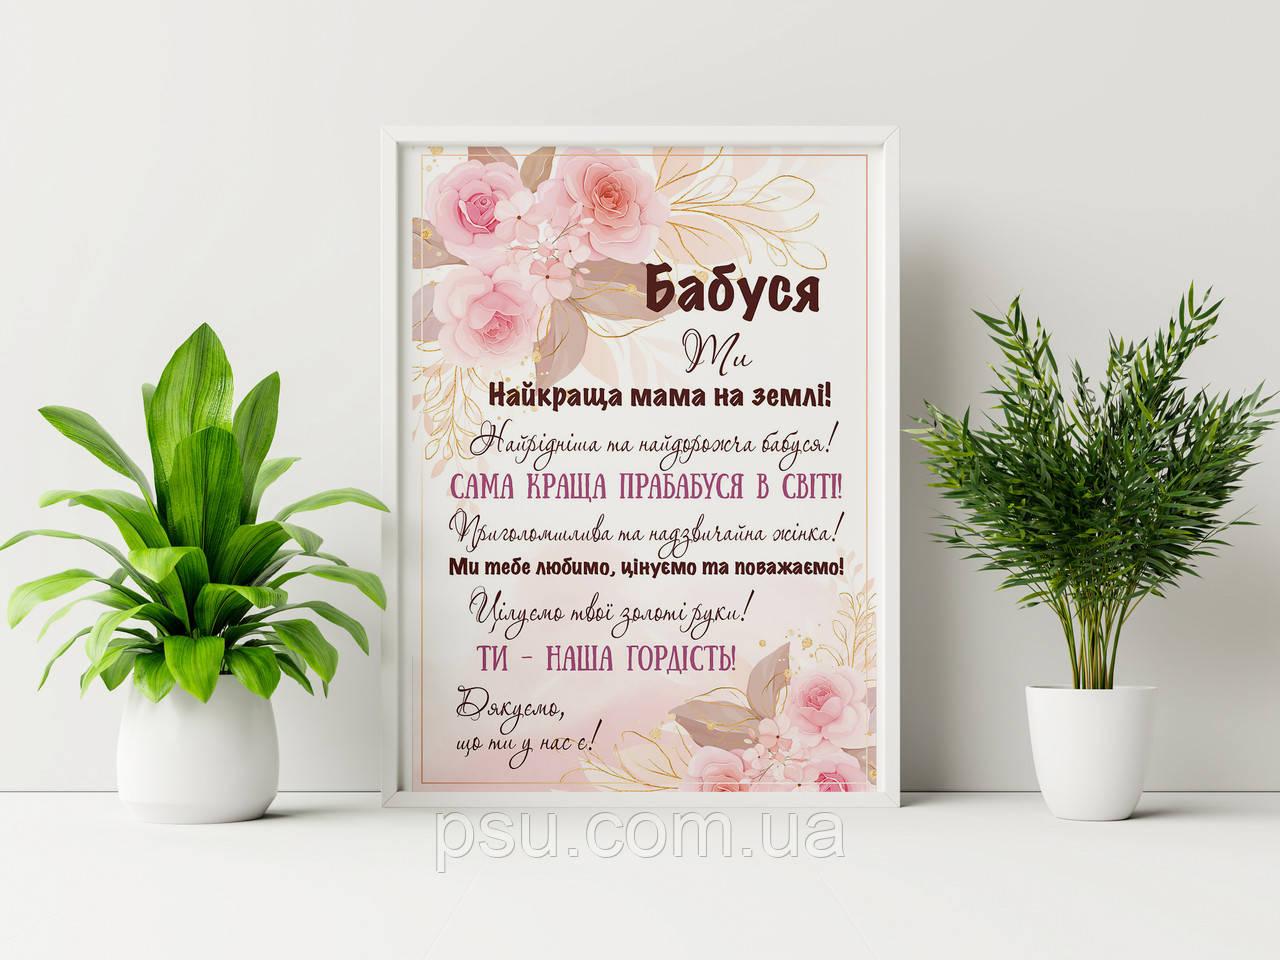 Постер бабушке (нежно-розовый)